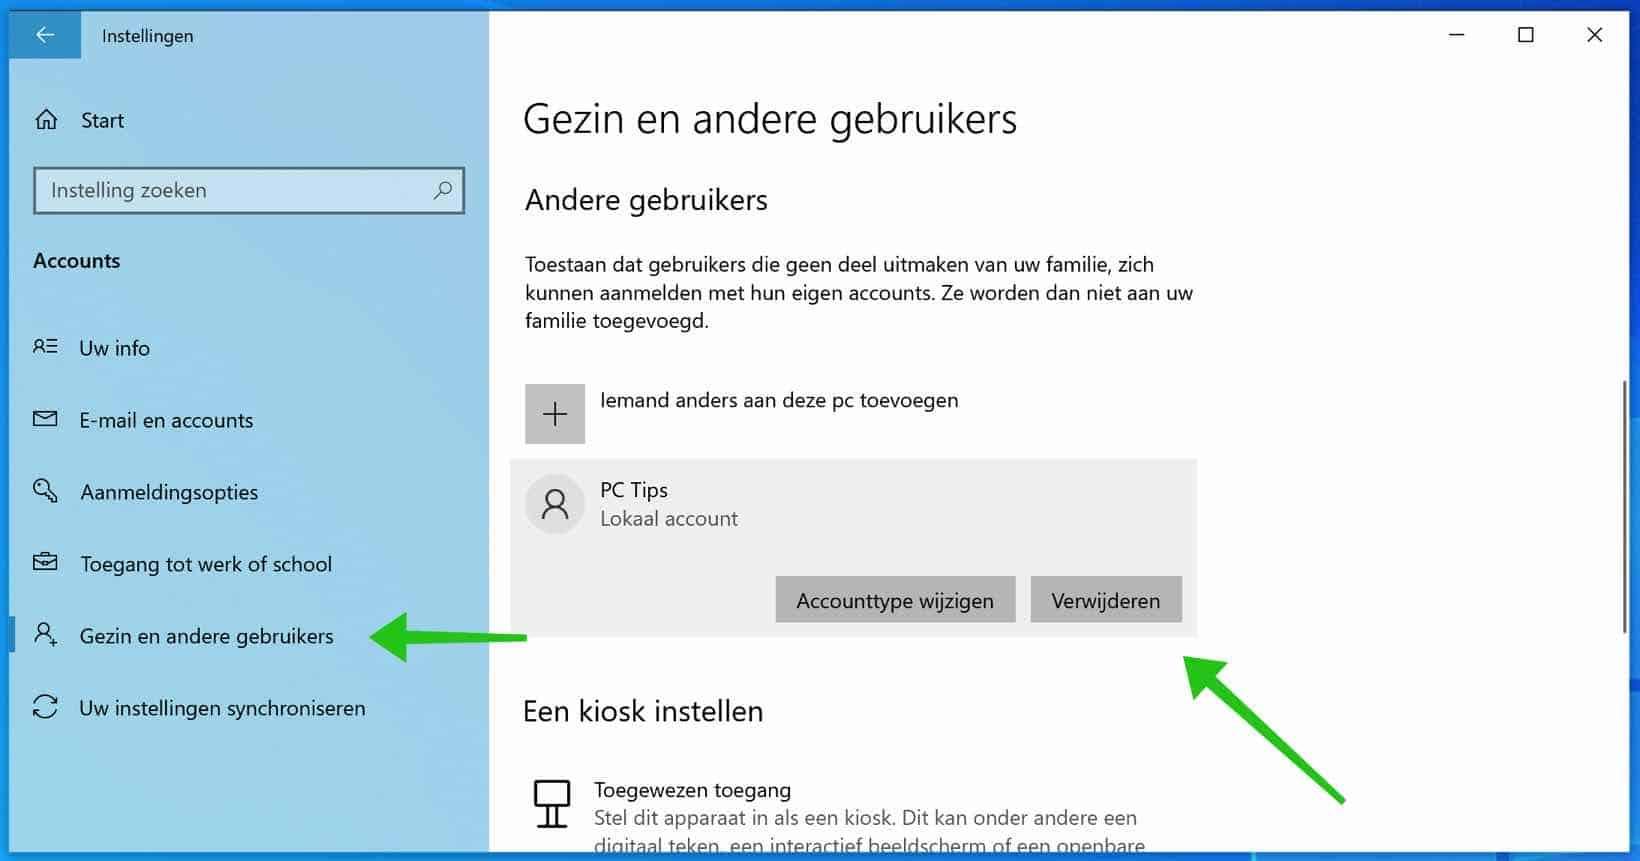 gebruikers verwijderen windows 10